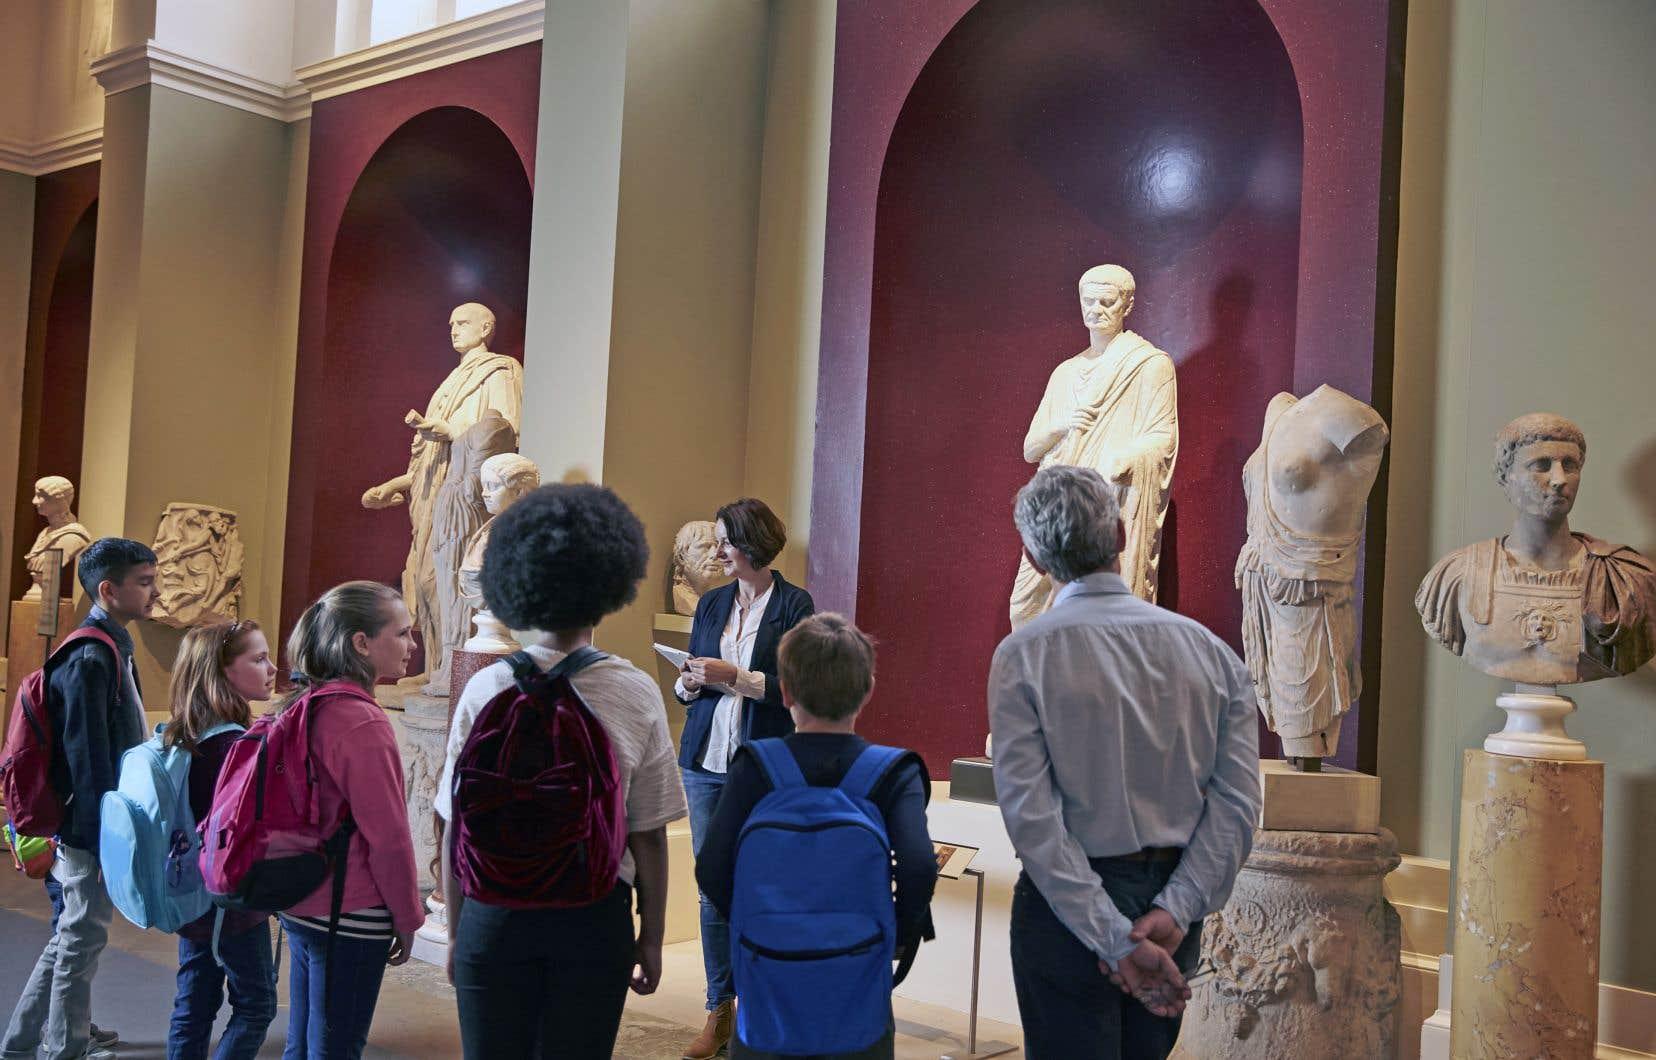 Les activités culturelles sont loin d'être une réalité partagée dans l'ensemble des milieux scolaires.